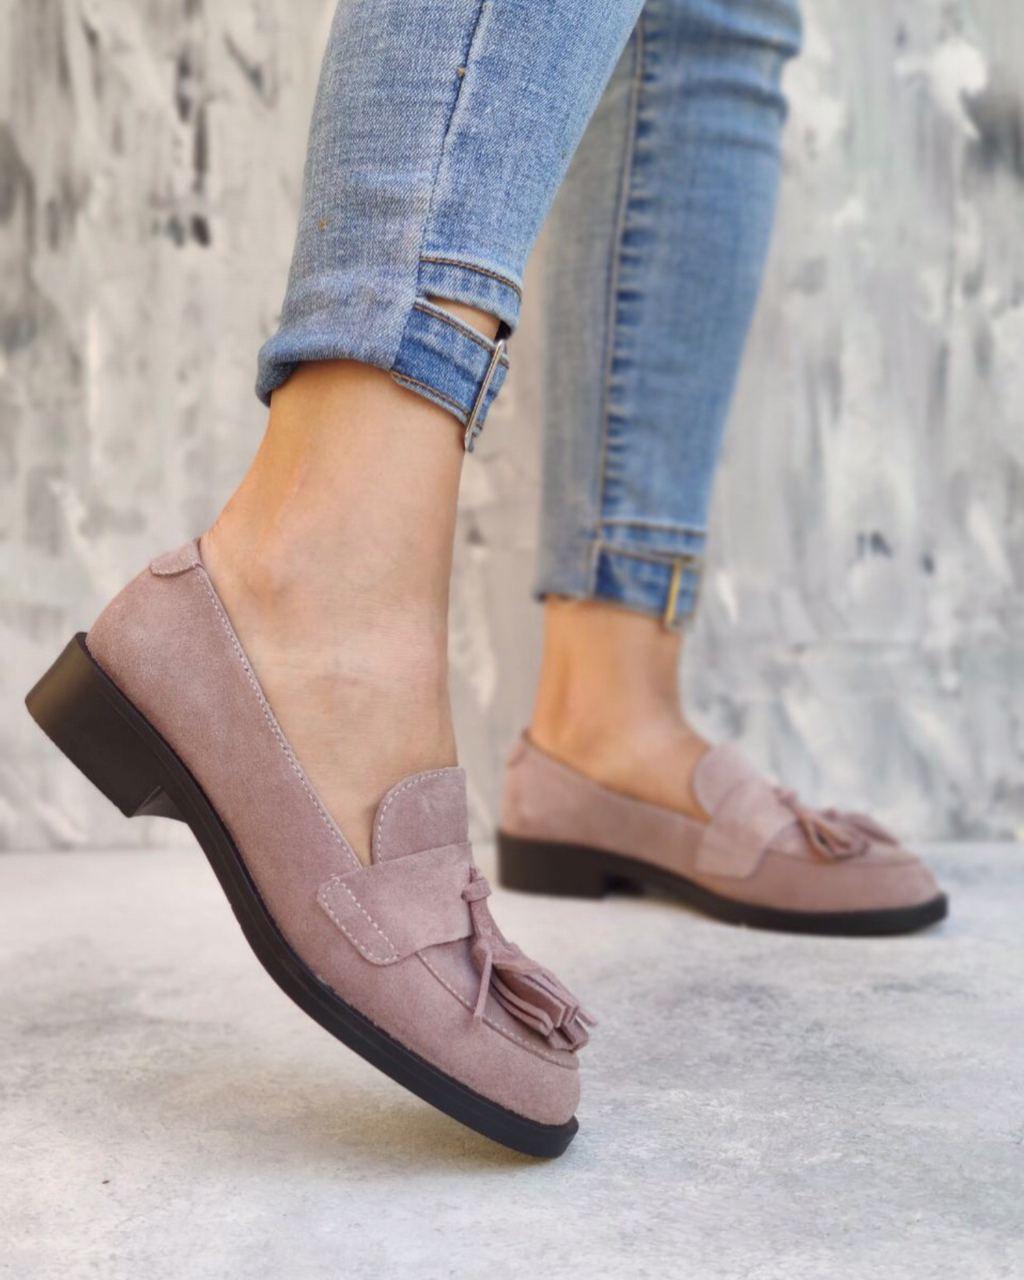 Пудровые кожаные туфли лоферы из натуральной кожи на низком каблуке размеры 36-41